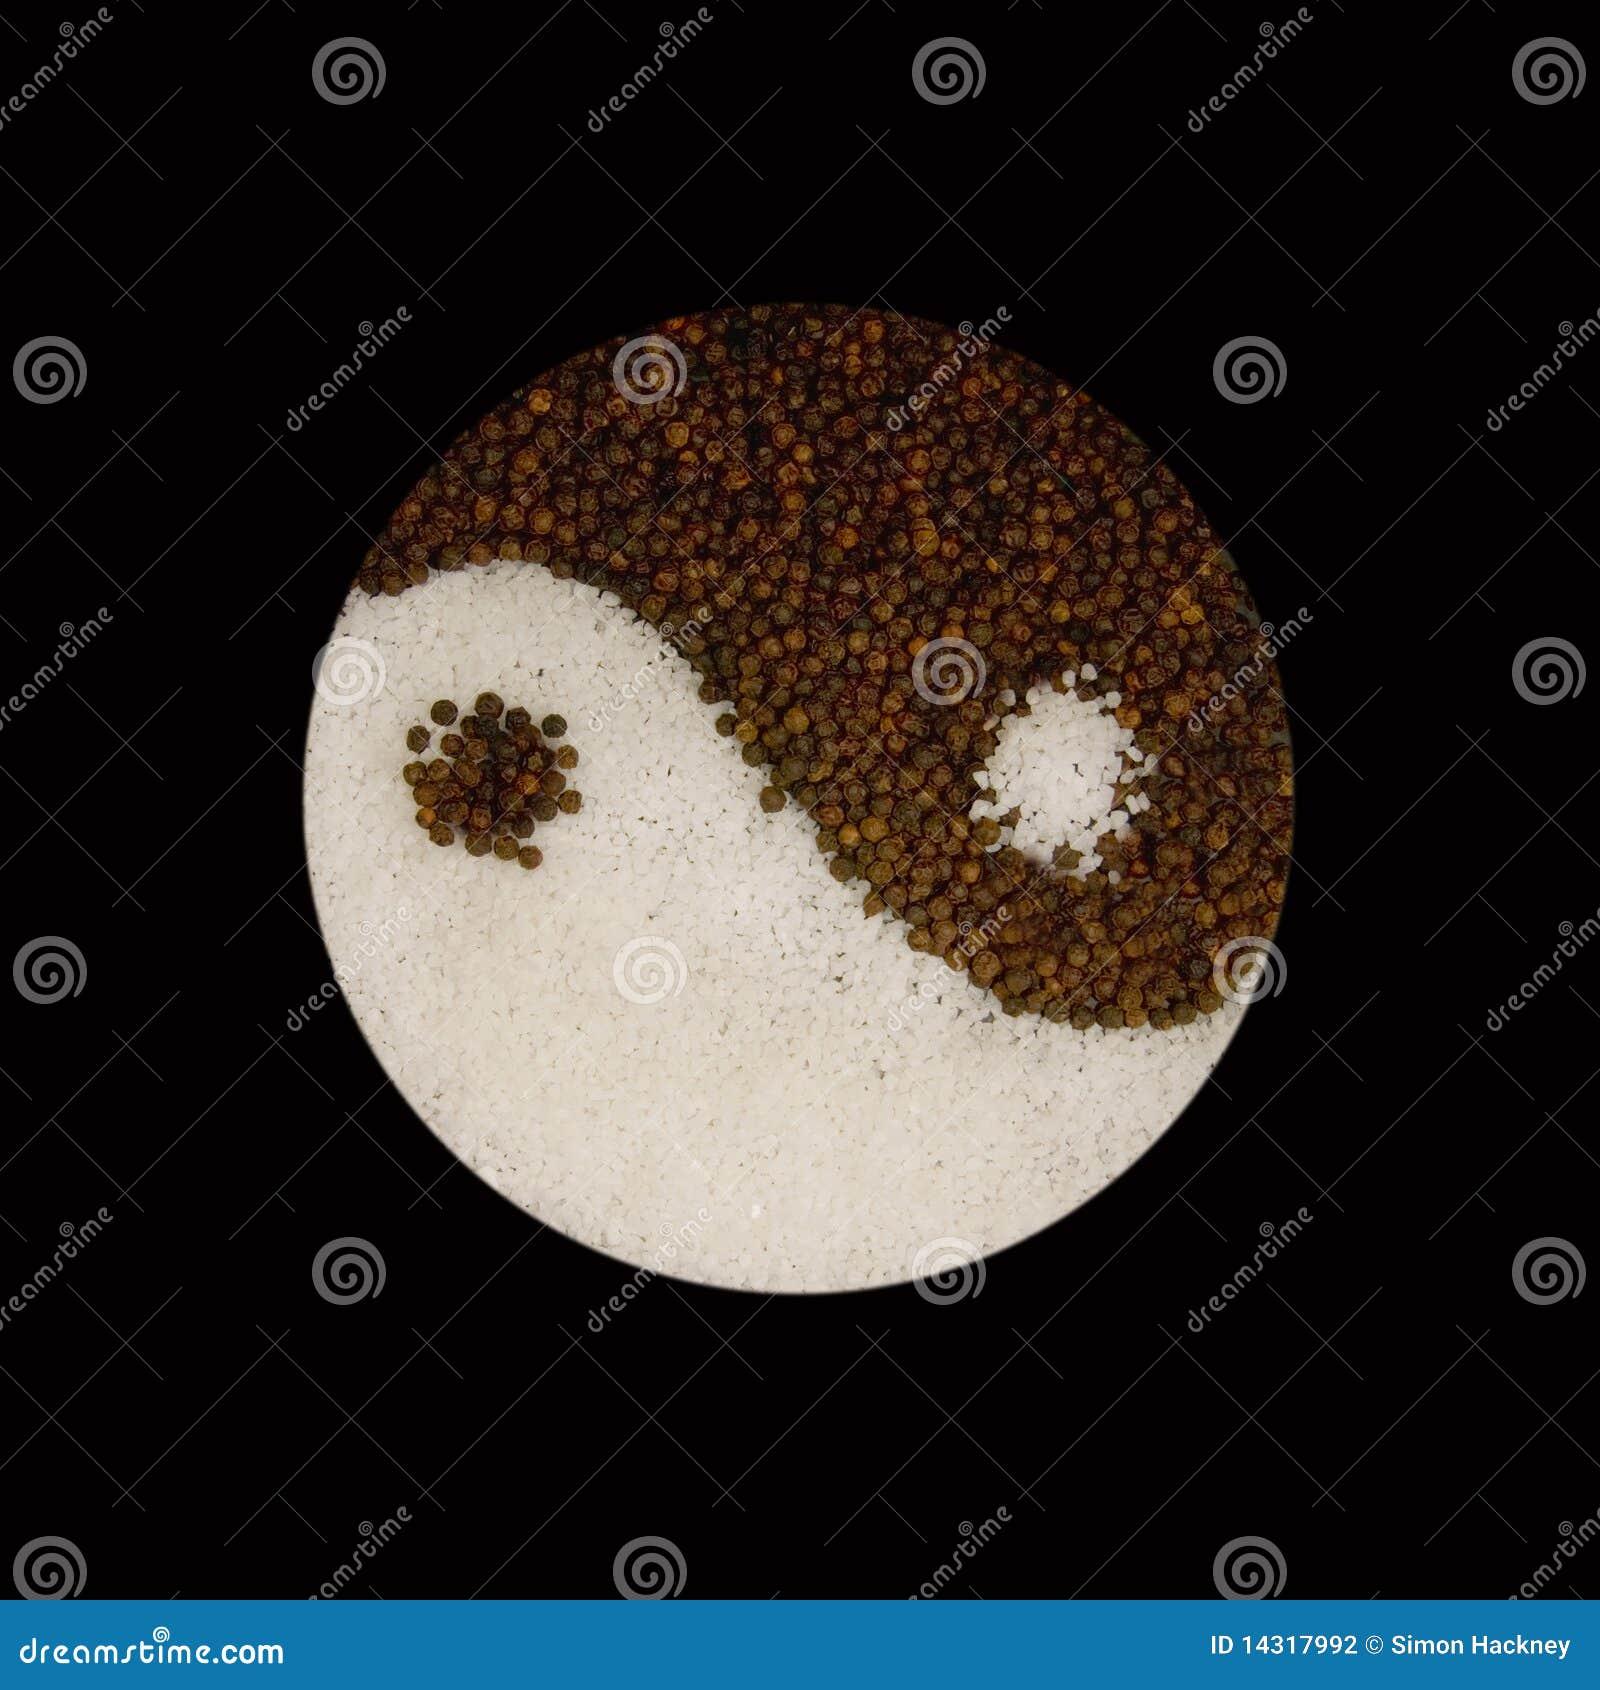 WWW_78YIN_COM_形成胡椒岩盐符号杨yin的背景黑色玉米.